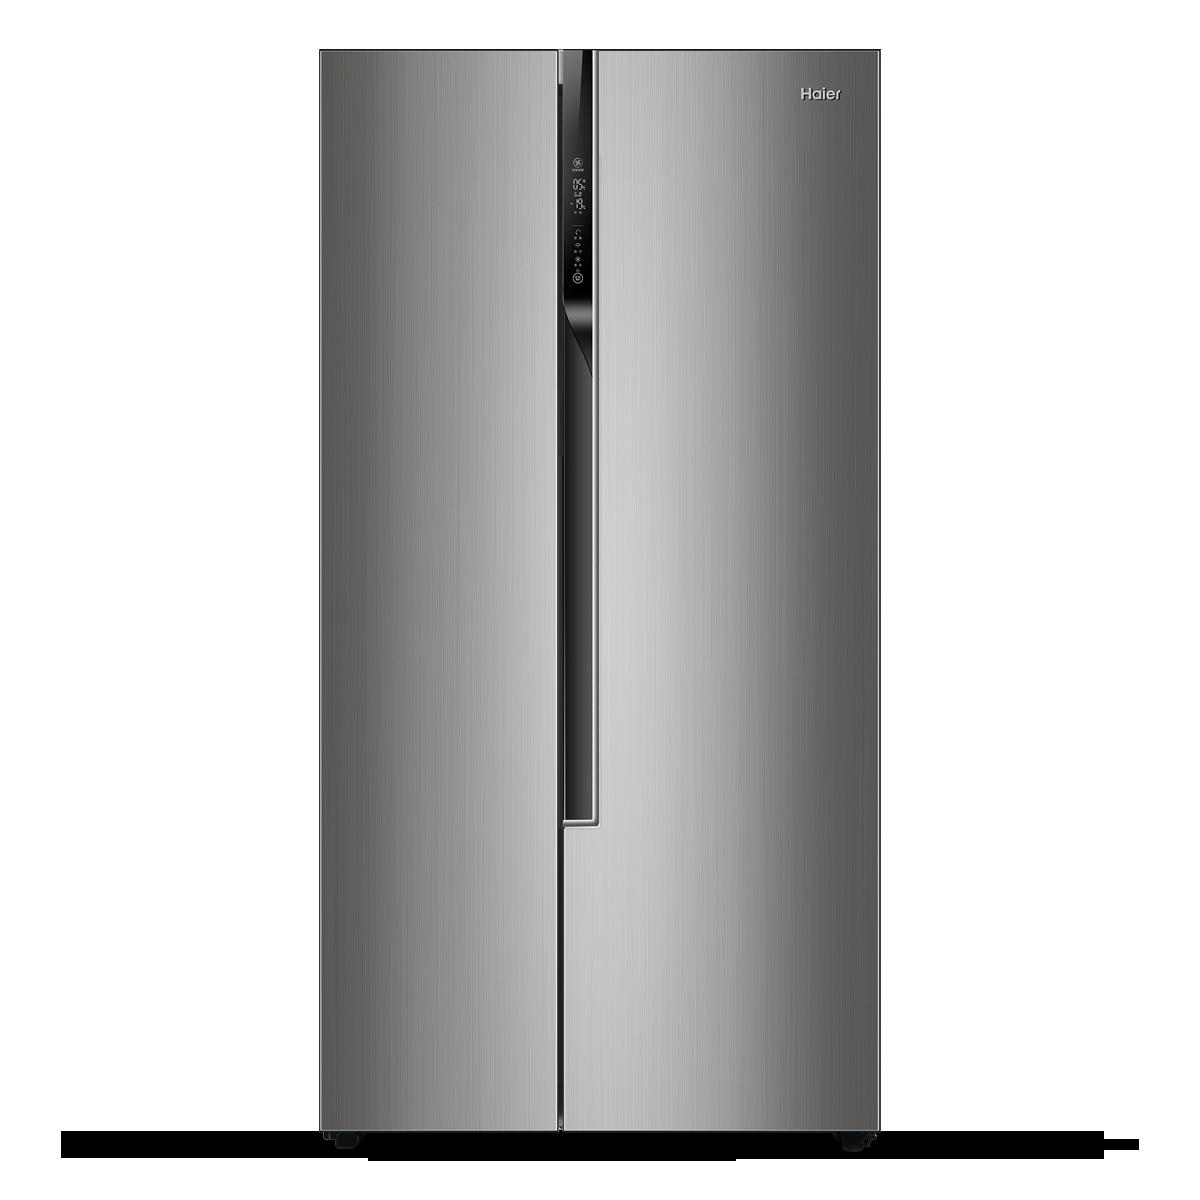 海尔Haier冰箱 BCD-590WDPD 说明书